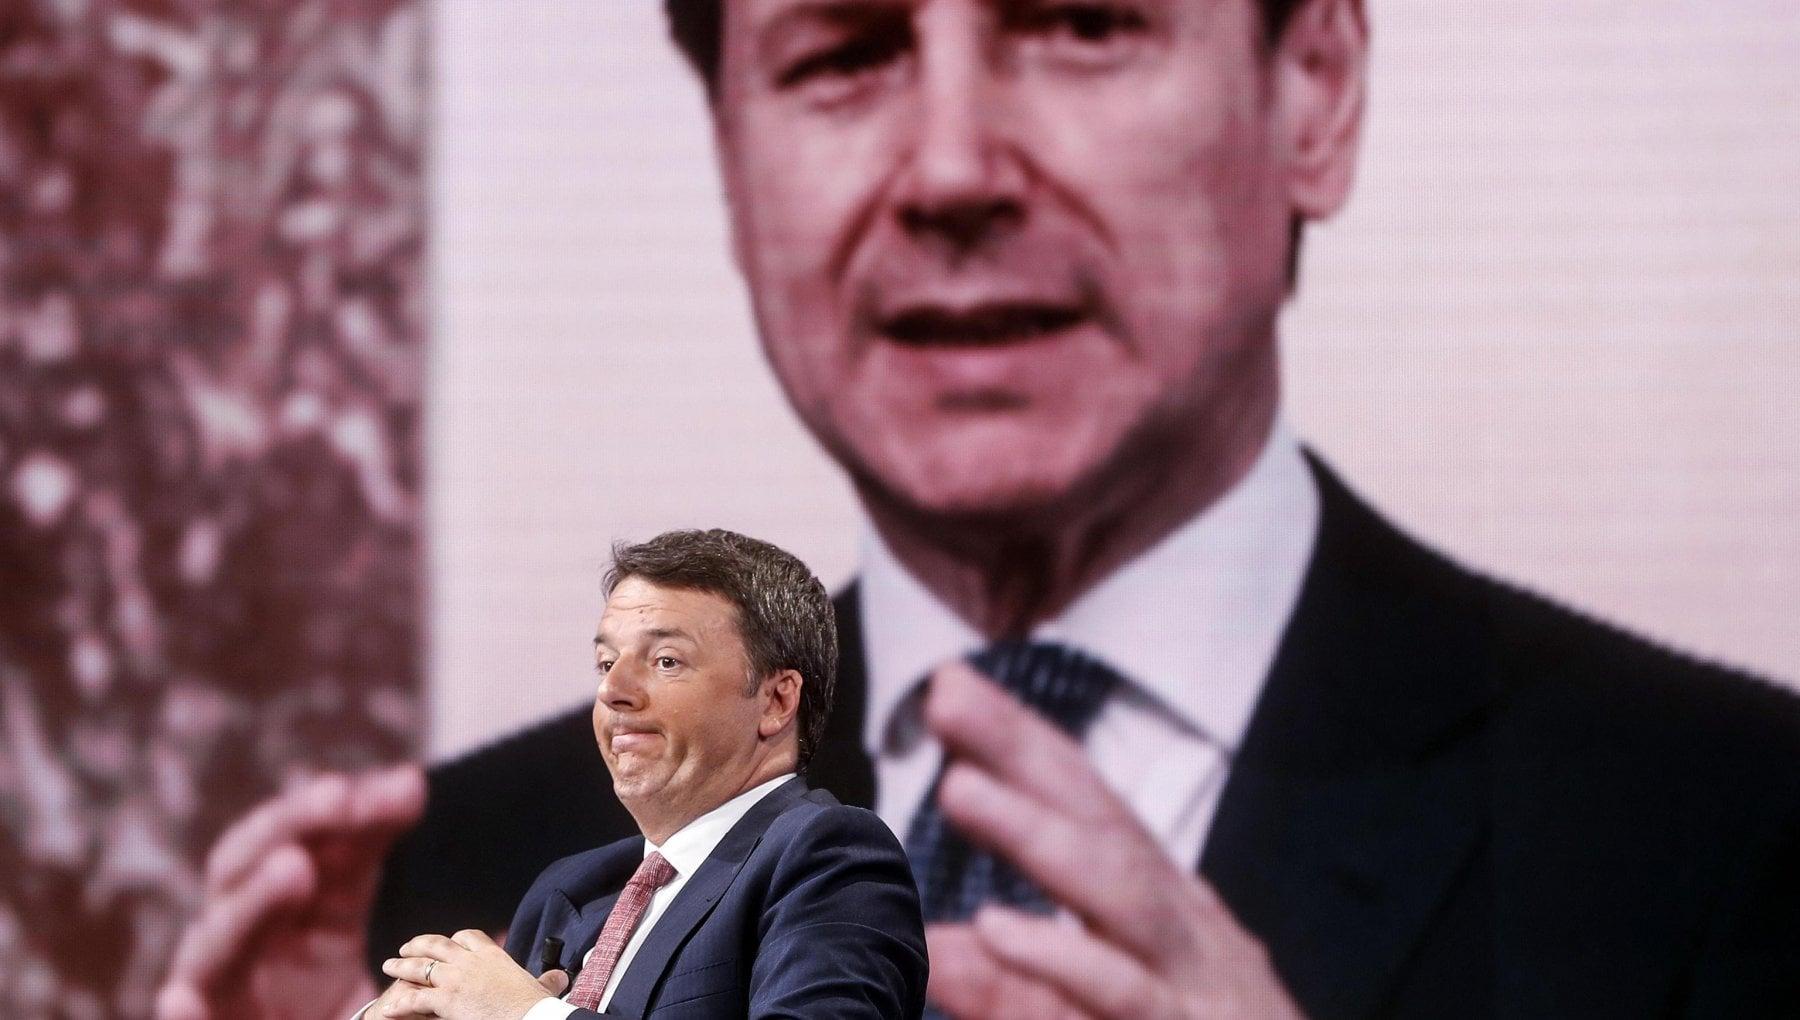 Crisi di governo quattro giorni per sostituire Renzi con i Responsabili. Fiducia a Conte lunedi alla Camera. Alle 14 il Pd riunisce i gruppi